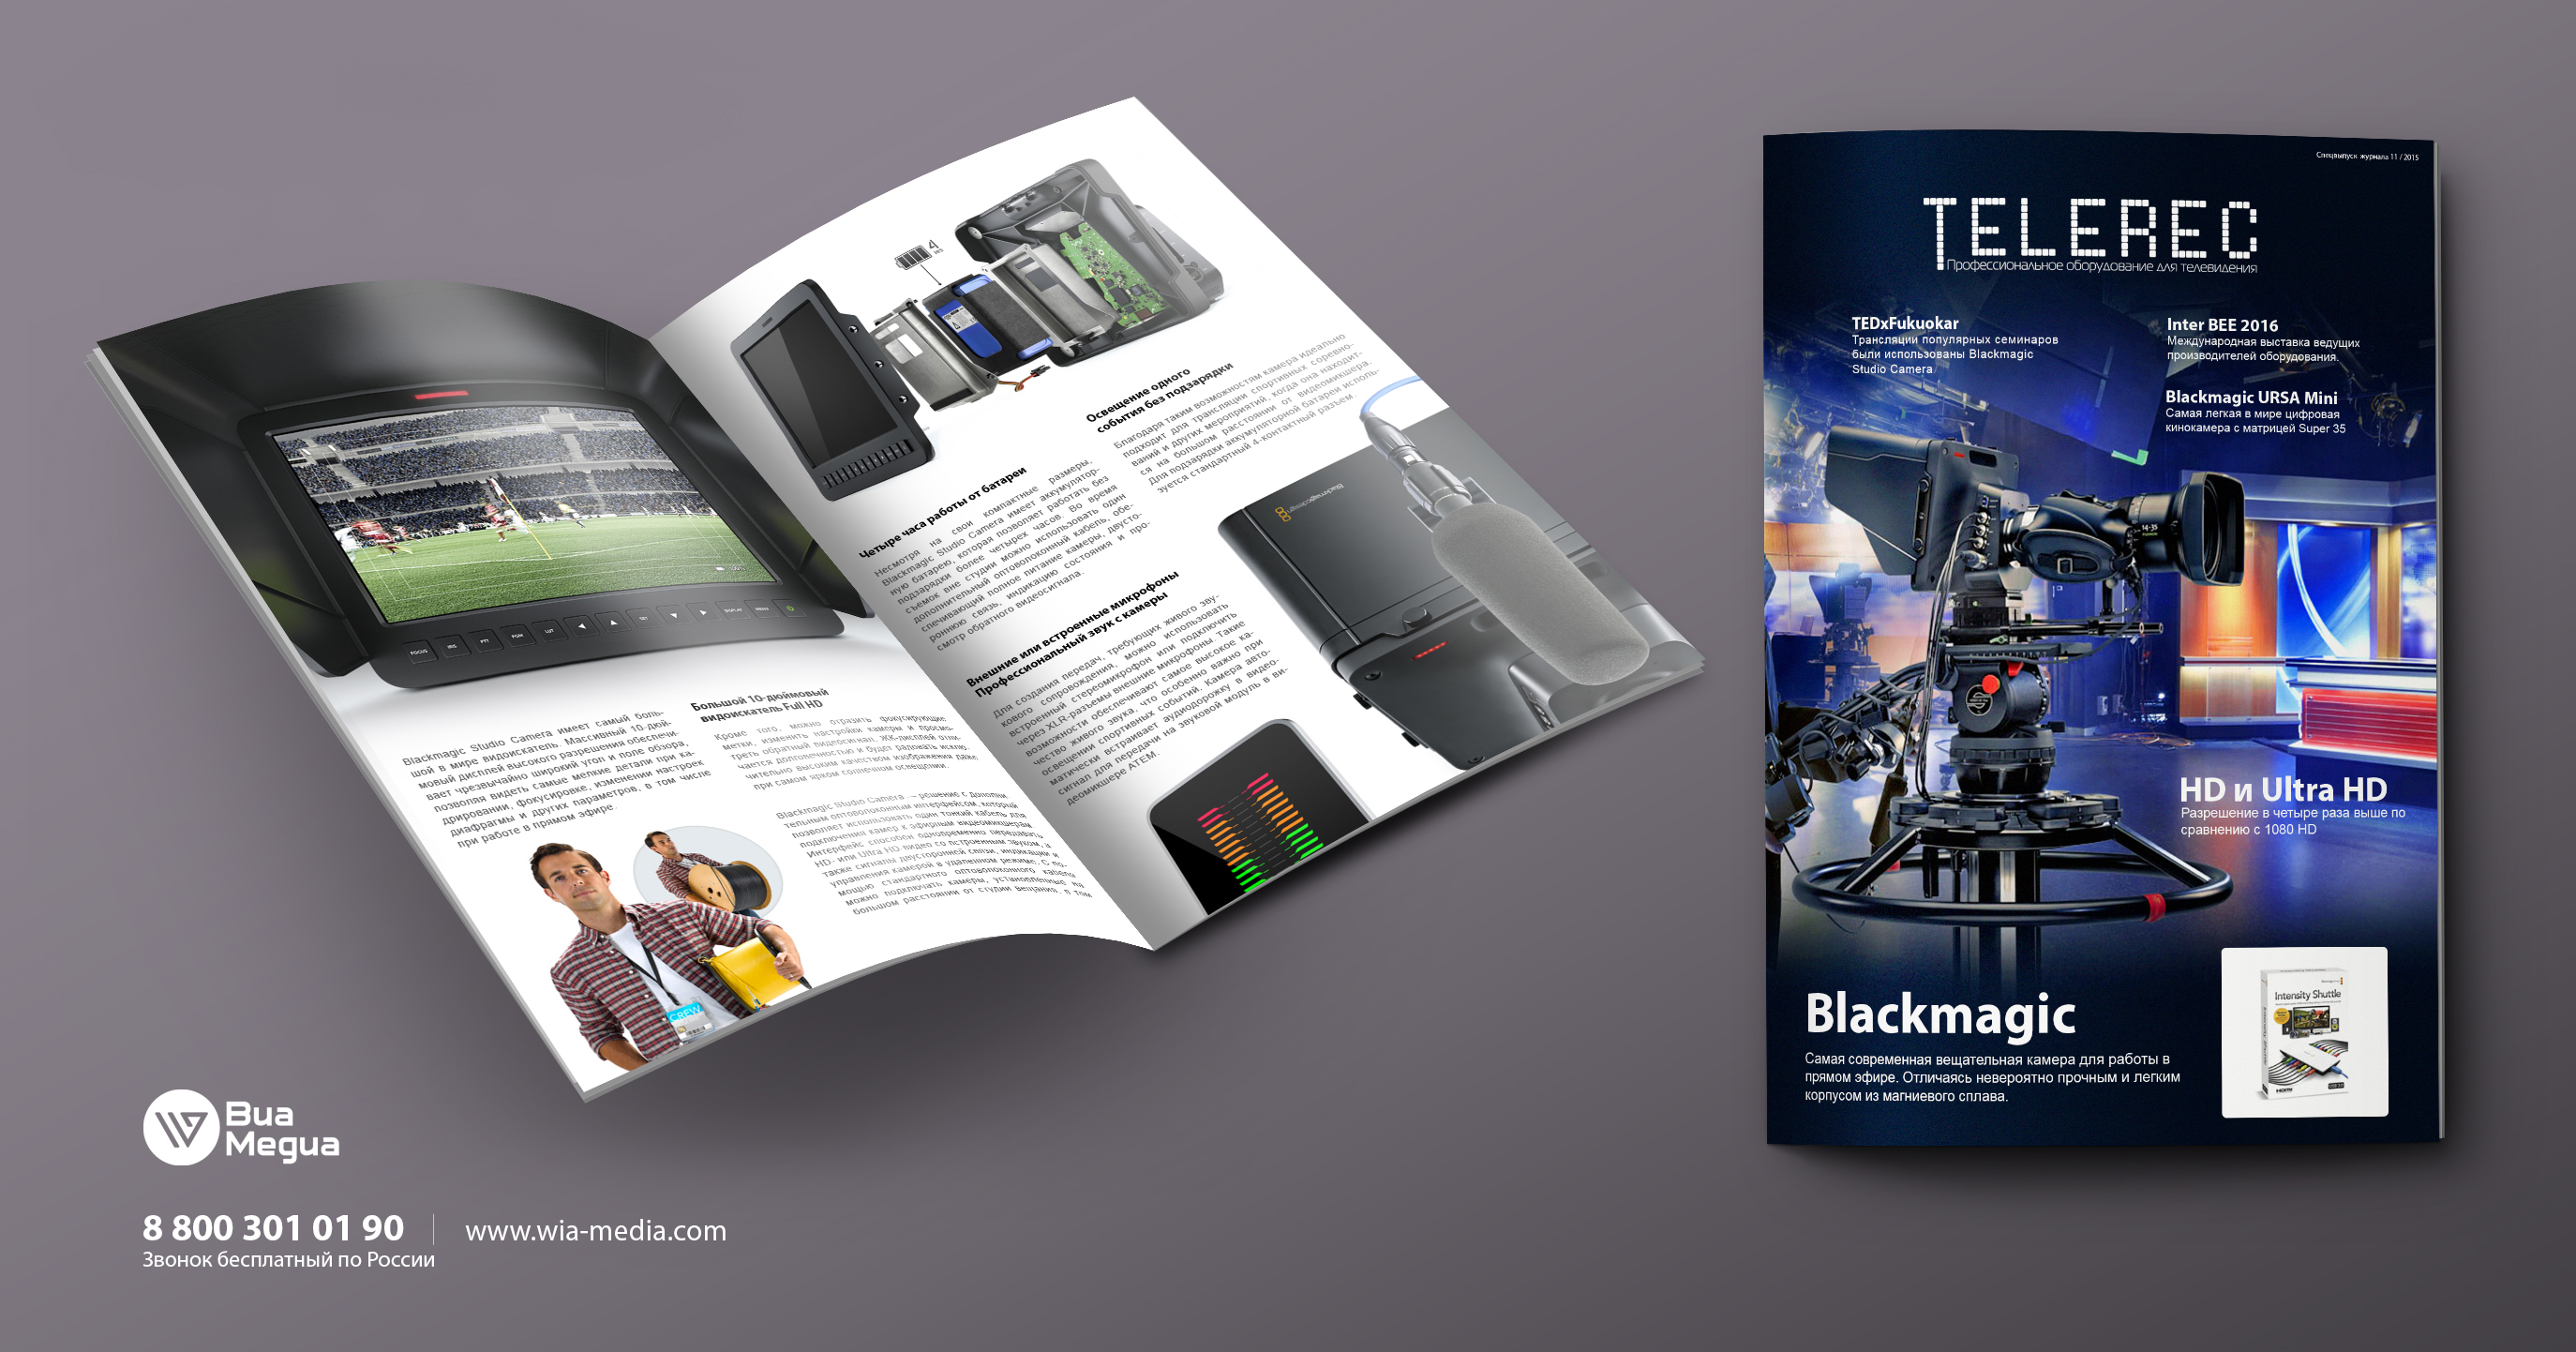 Дизайн брошюры для компании, по продаже телевизионного оборудования.